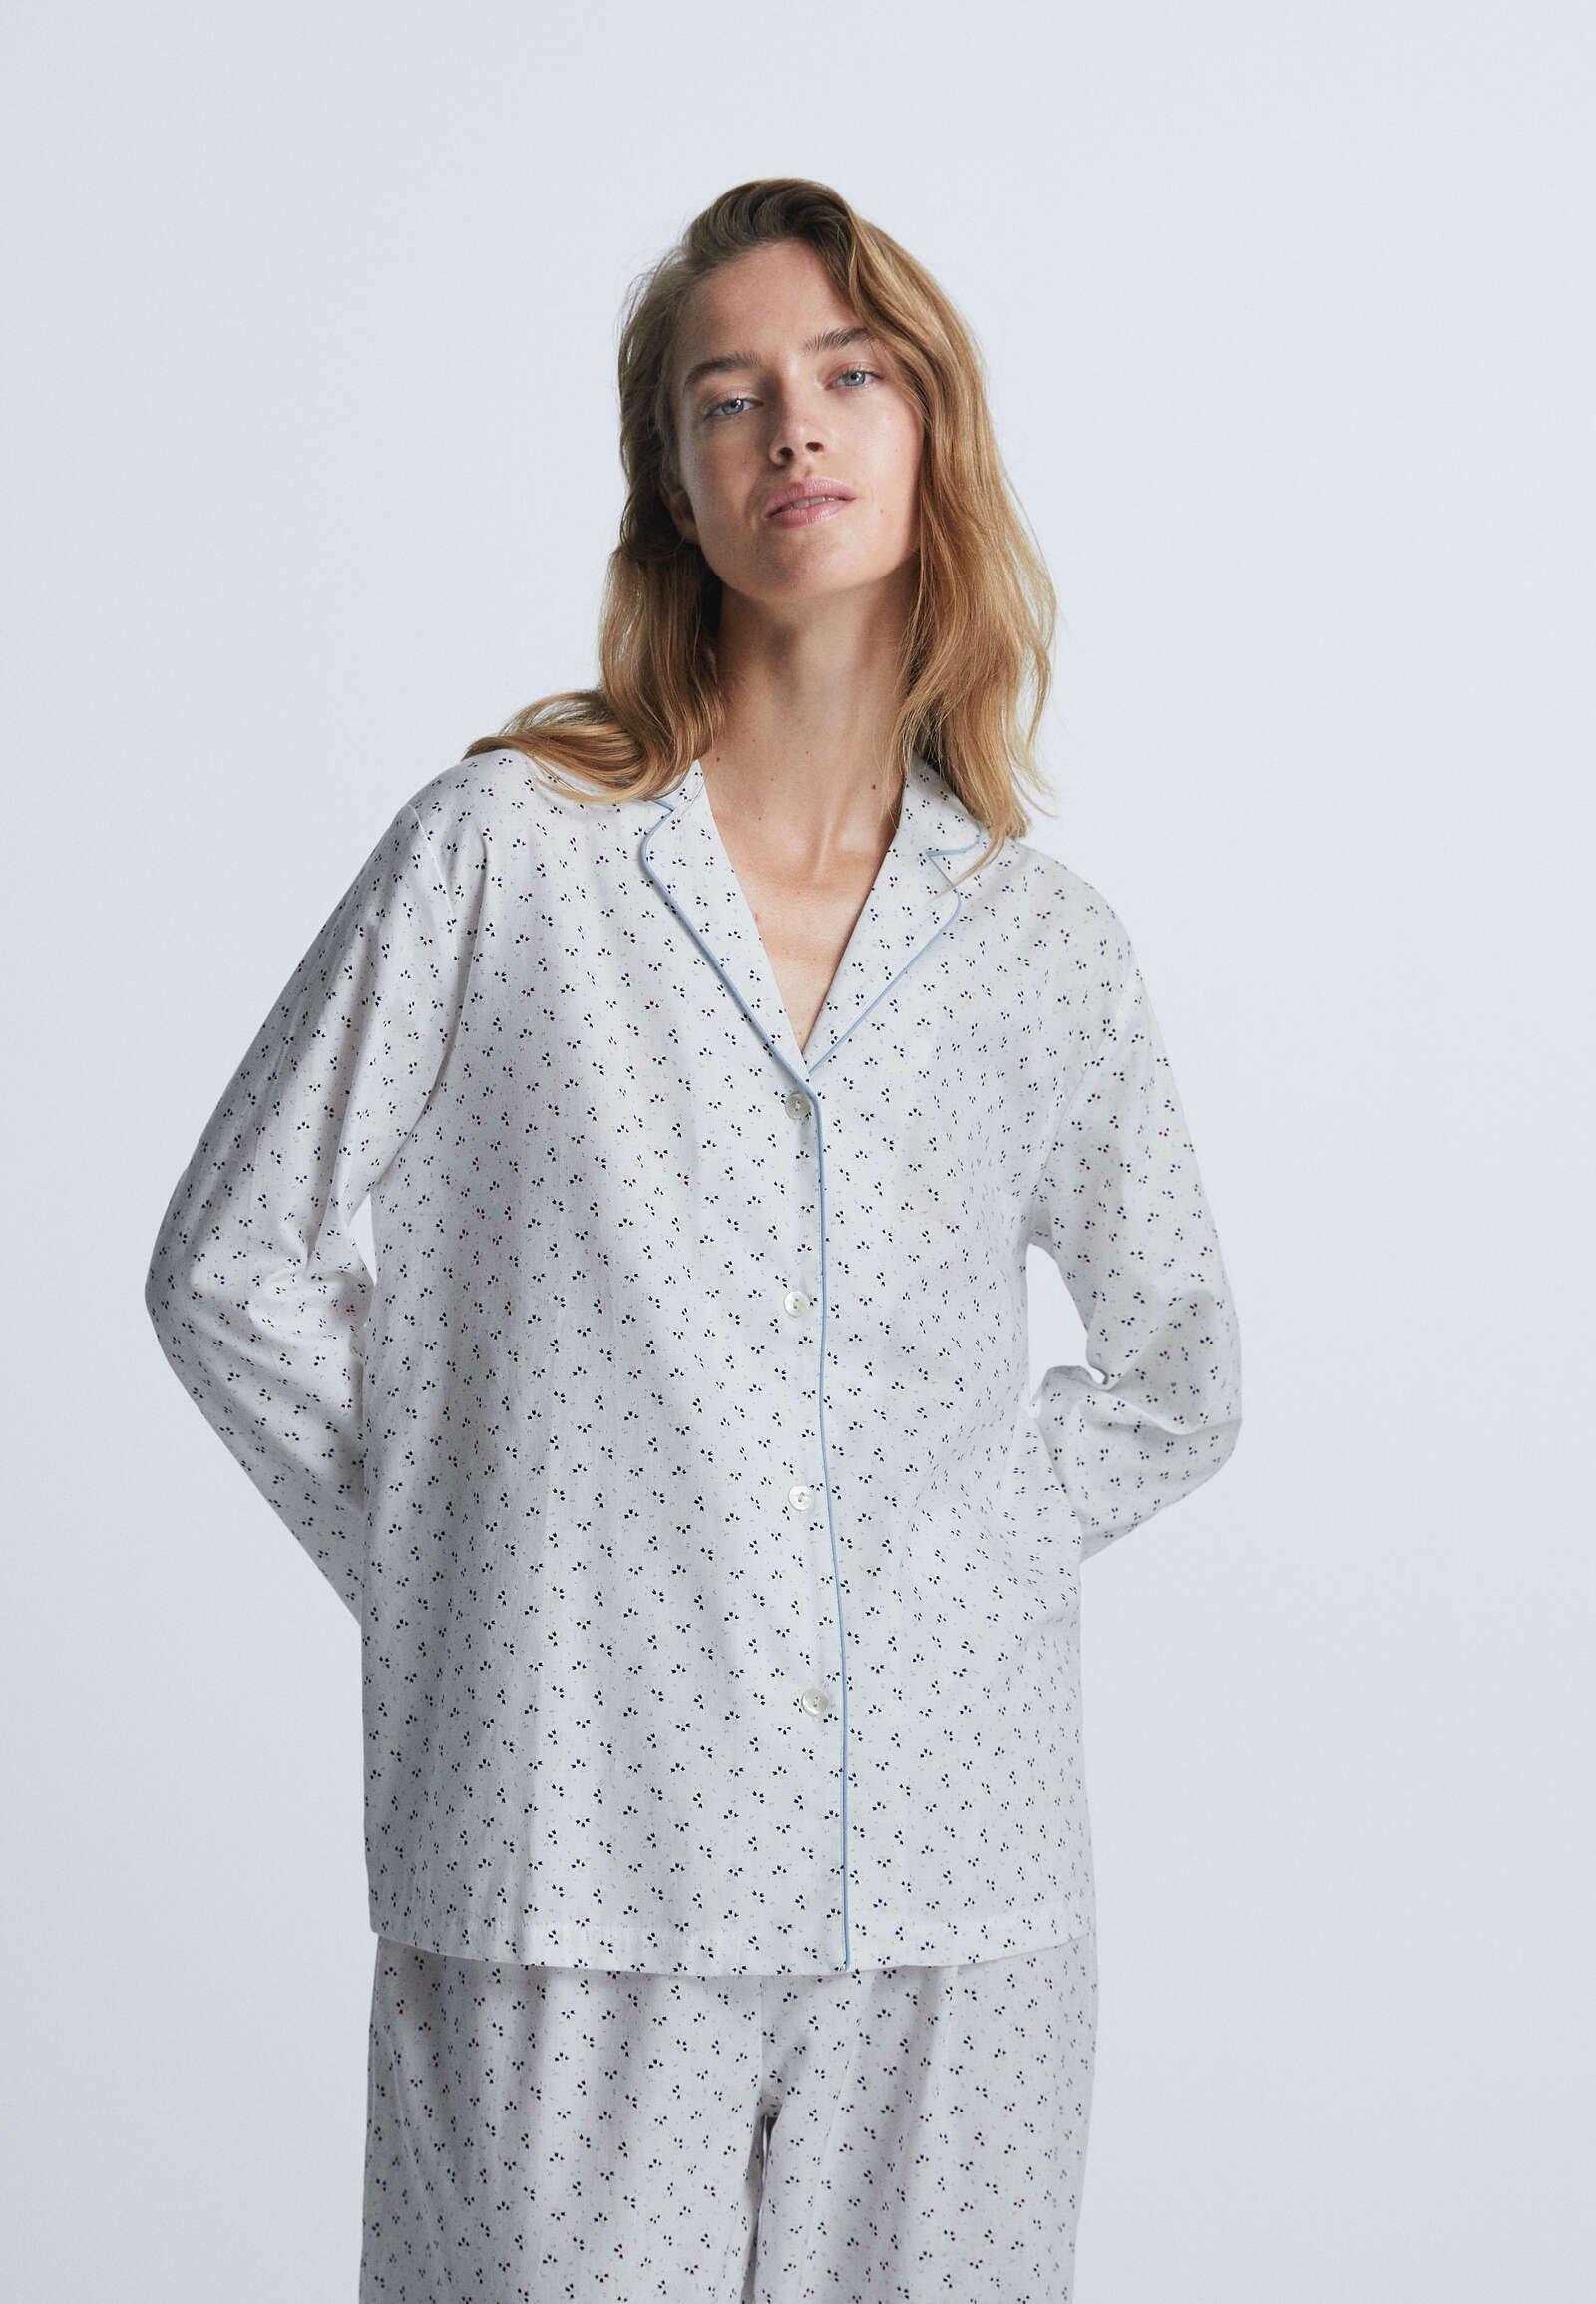 Donna BLUMEN 31084731 - Maglia del pigiama